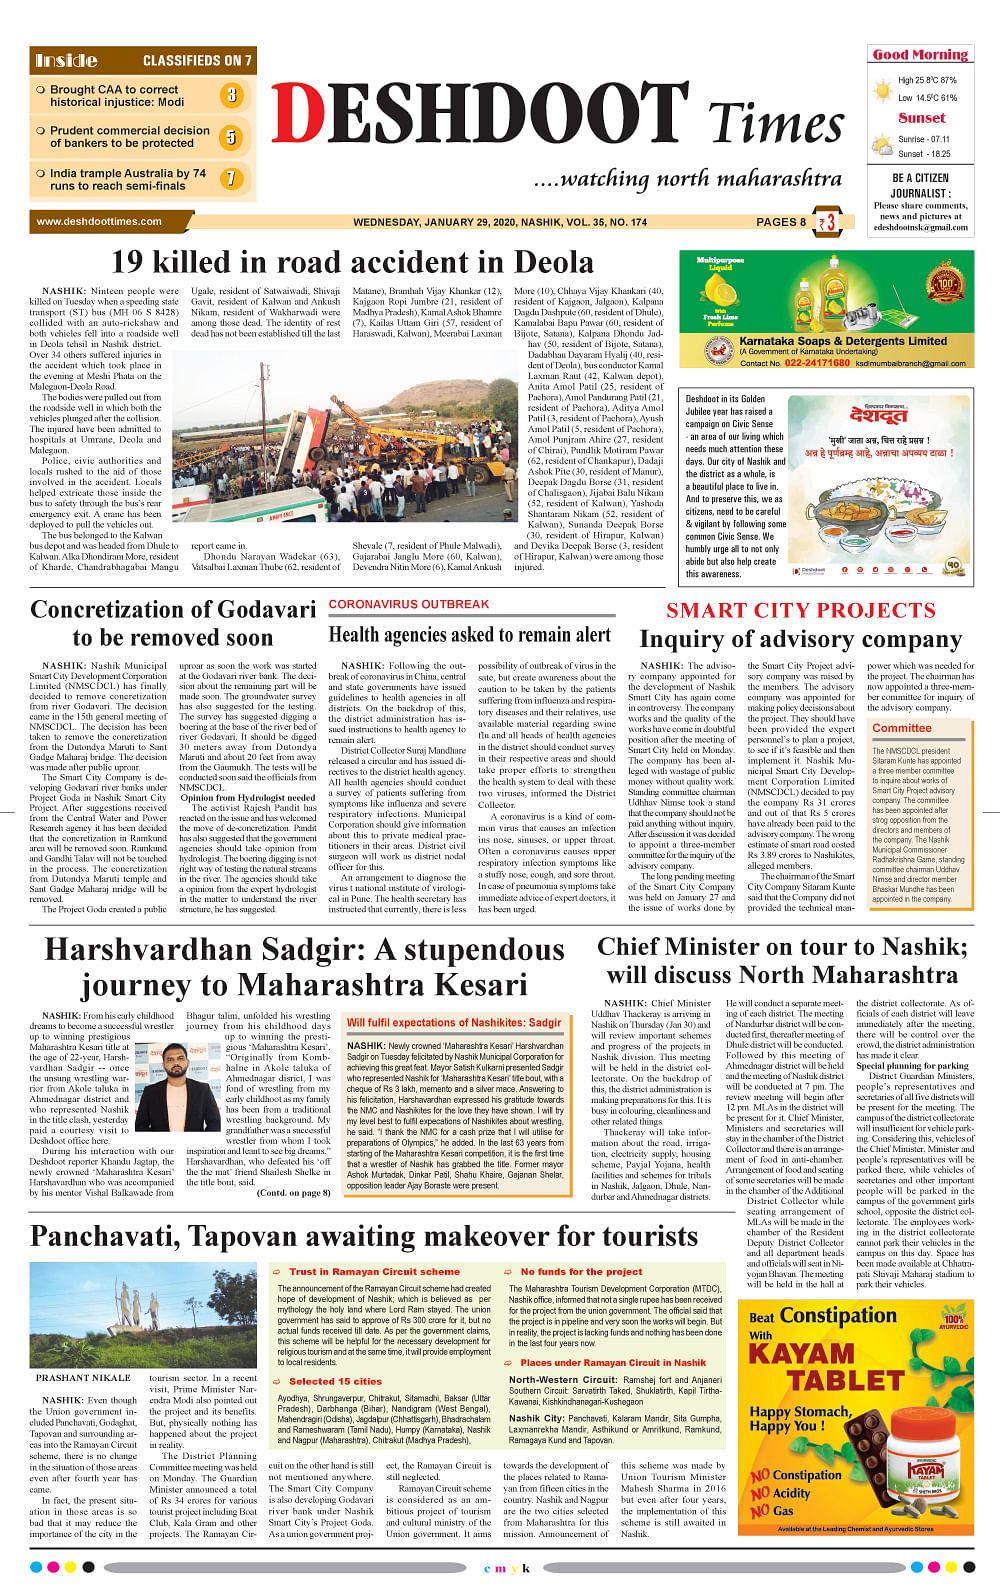 29 January 2020, Deshdoot Times E Paper, Nashik